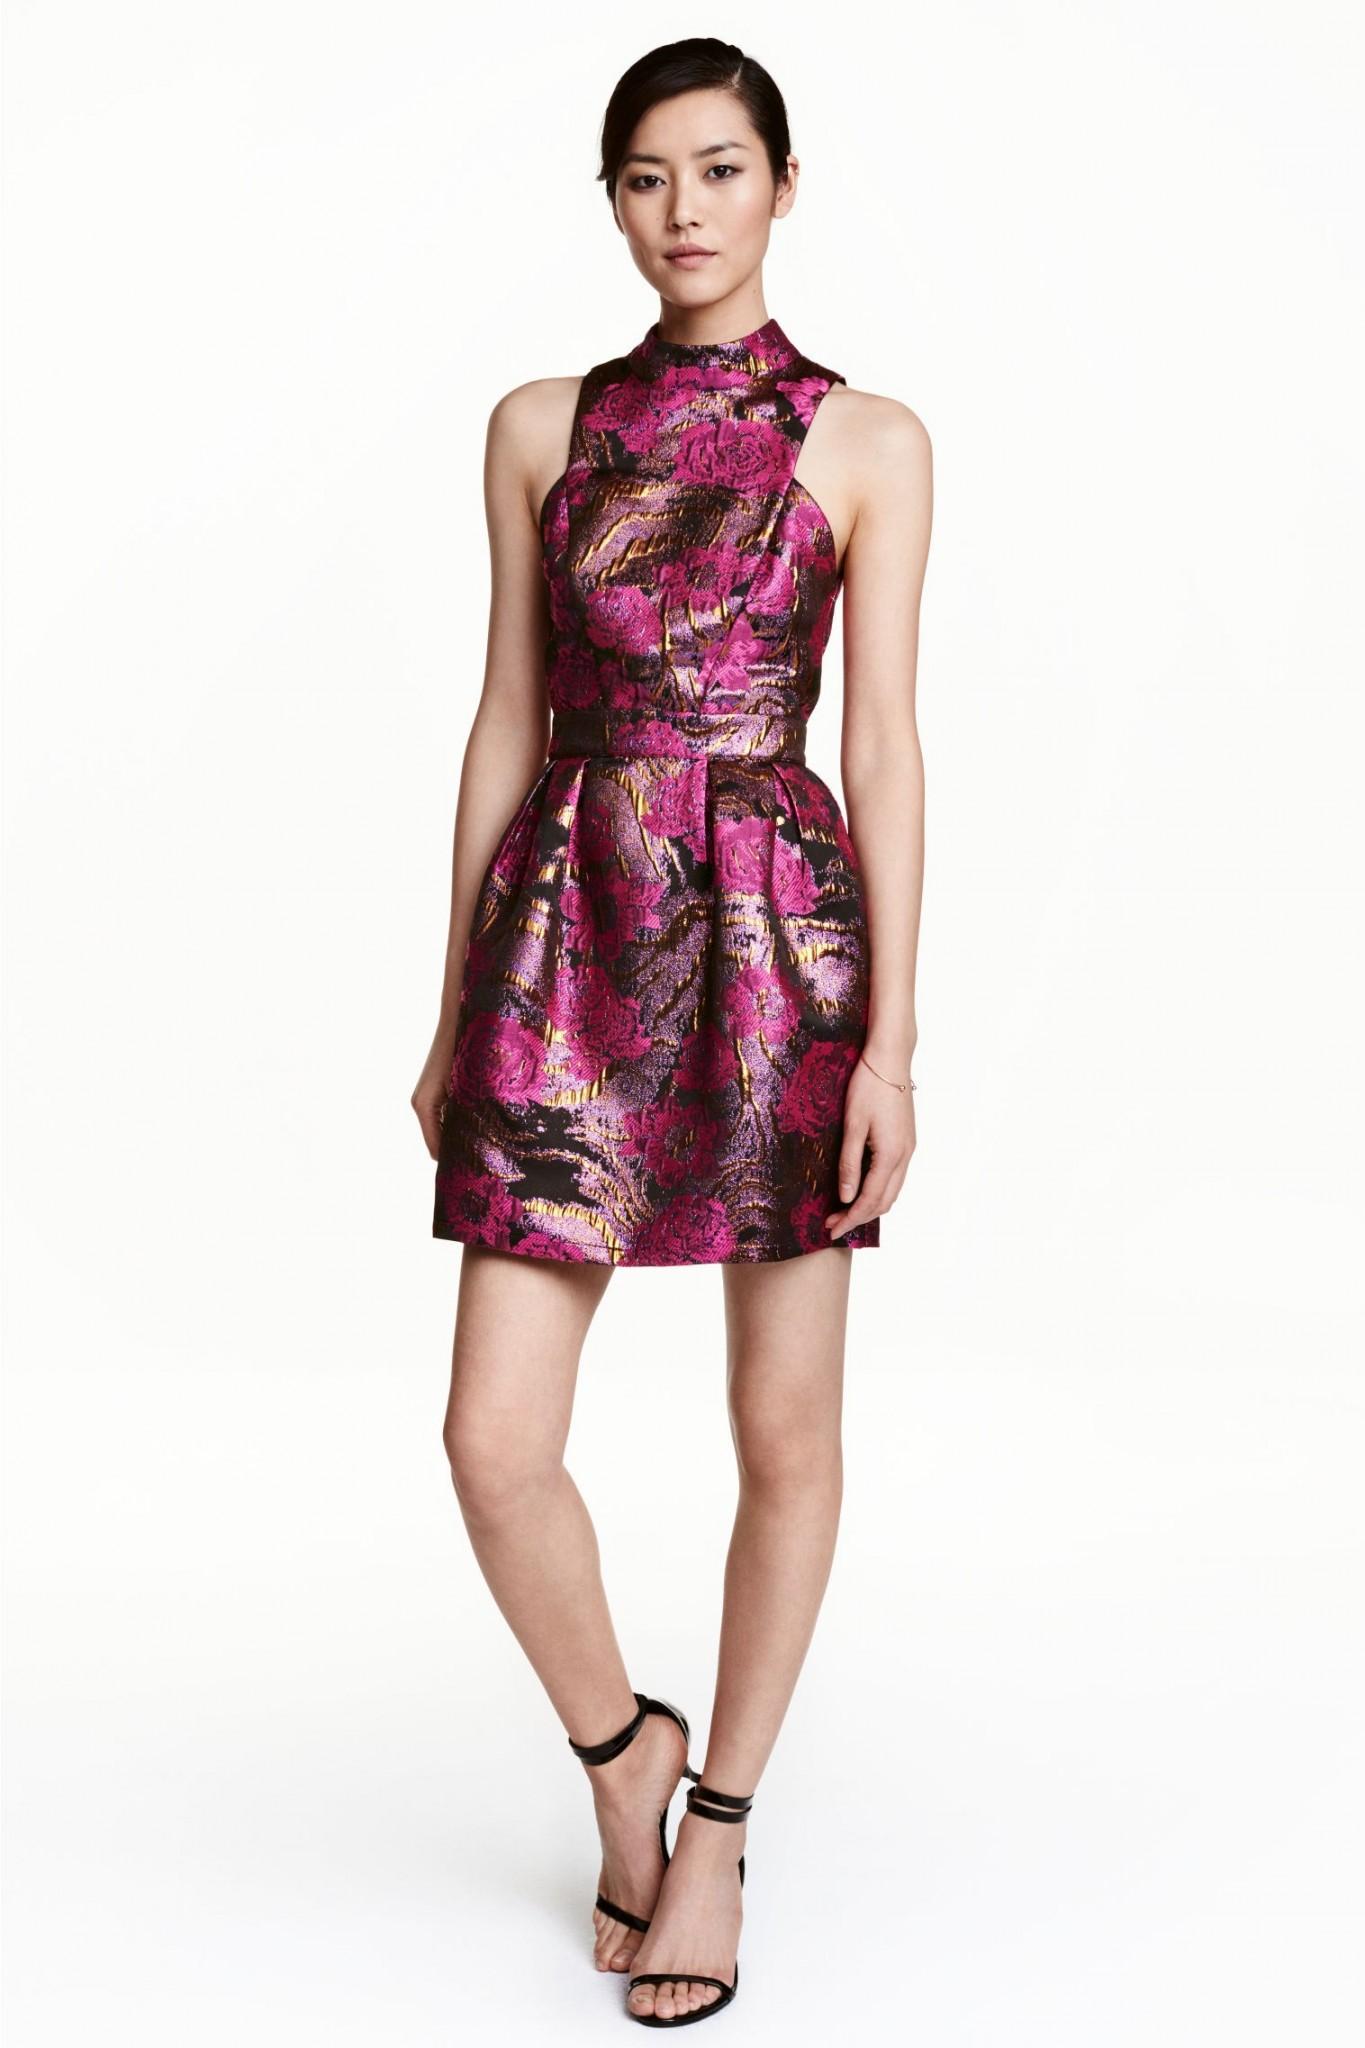 7-rochie-din-tesatura-jacard-hm-20-de-idei-de-rochii-pentru-craciun-fabulous-muses